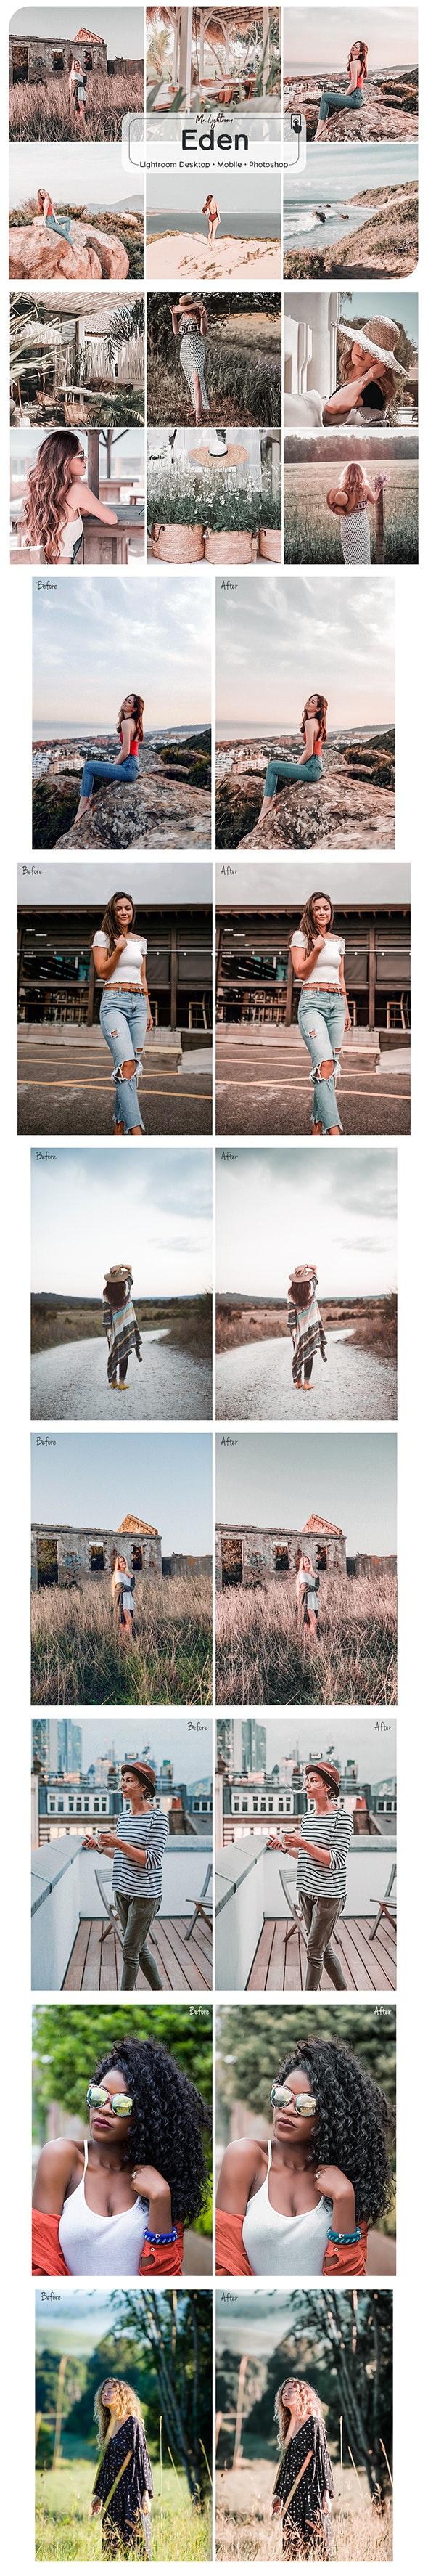 Eden Lightroom Desktop and Mobile Presets - Portrait Lightroom Presets